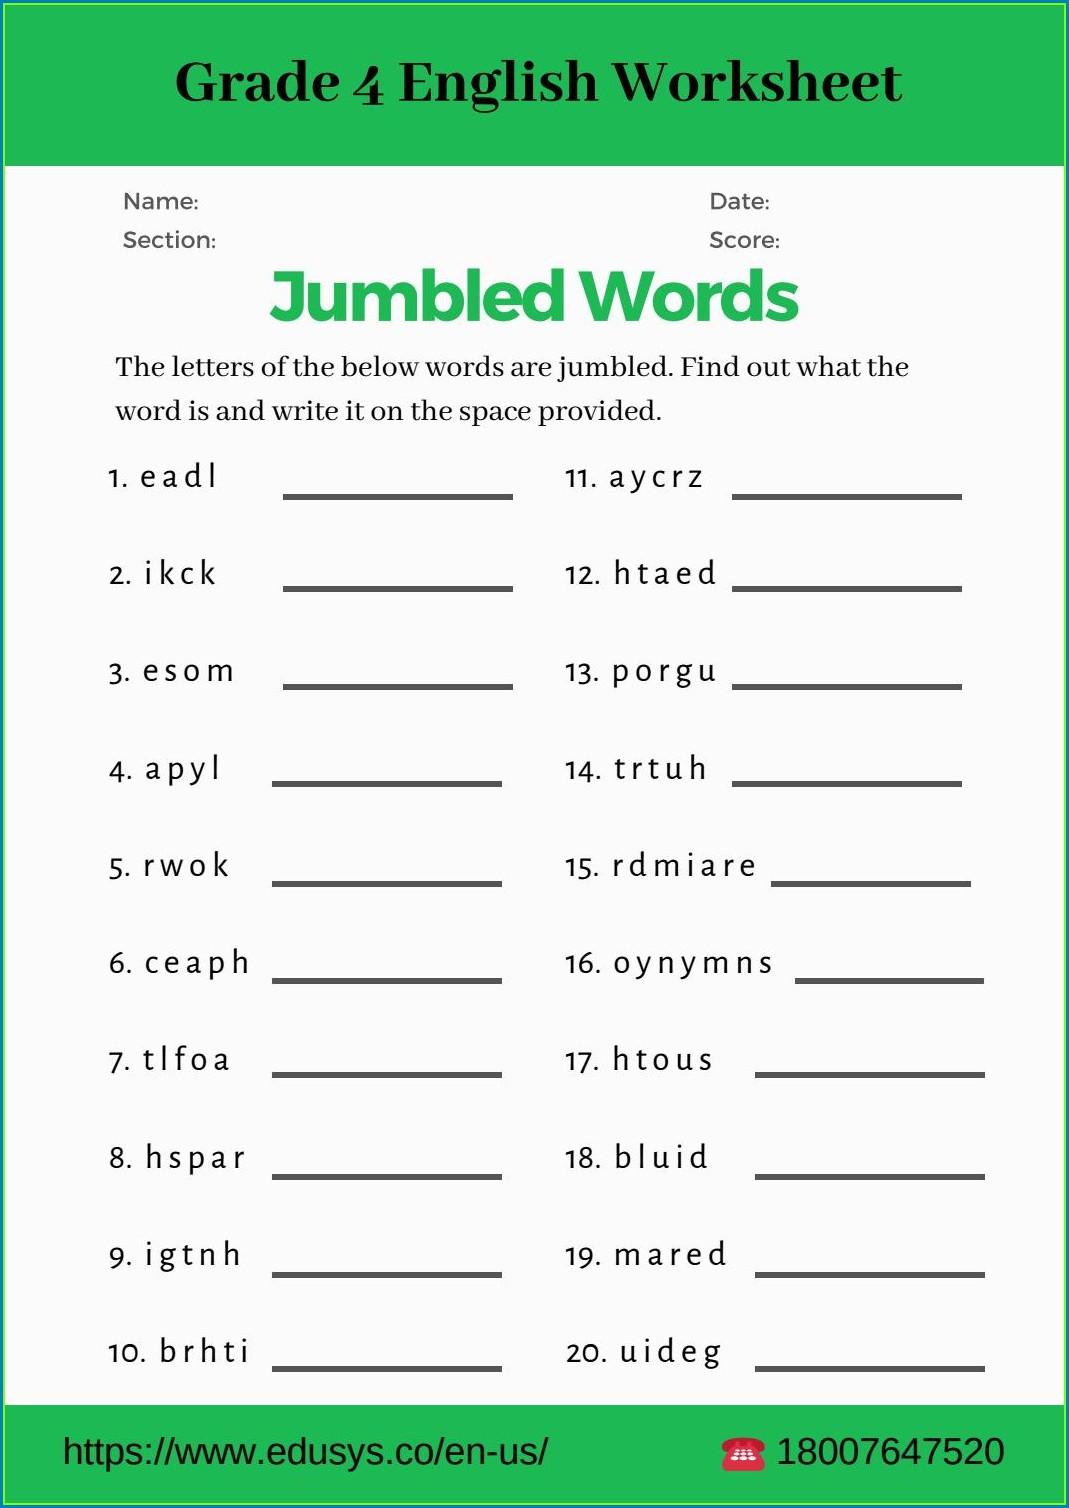 Worksheet In English Grade 4